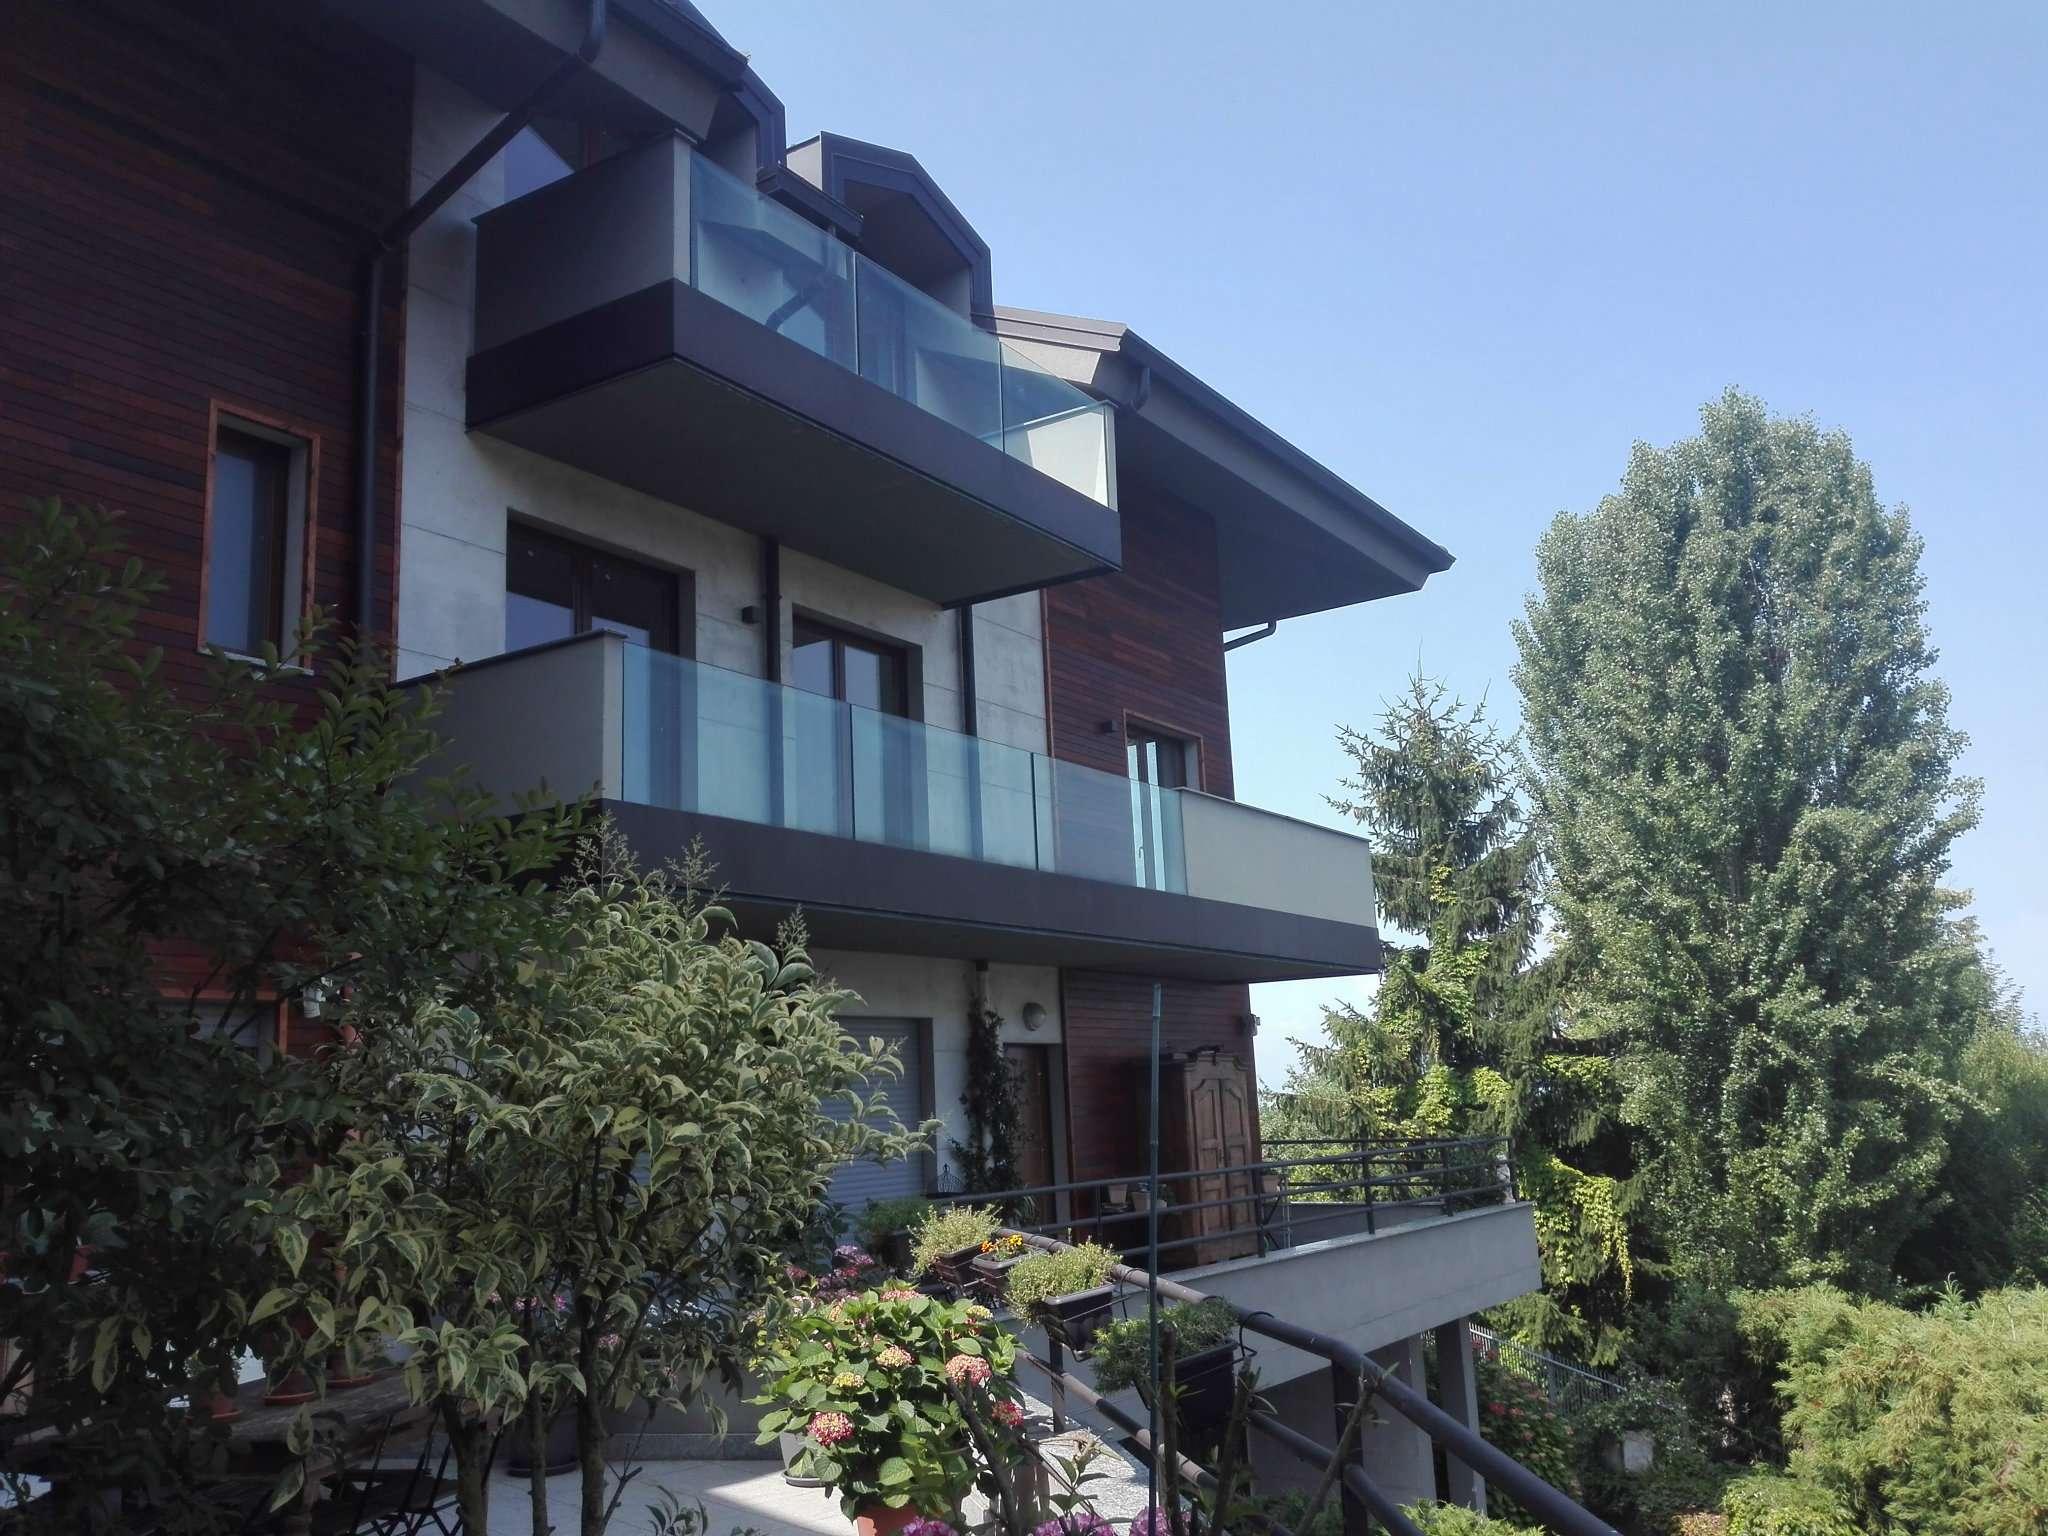 Appartamento in vendita a Pecetto Torinese, 9999 locali, prezzo € 275.000 | CambioCasa.it